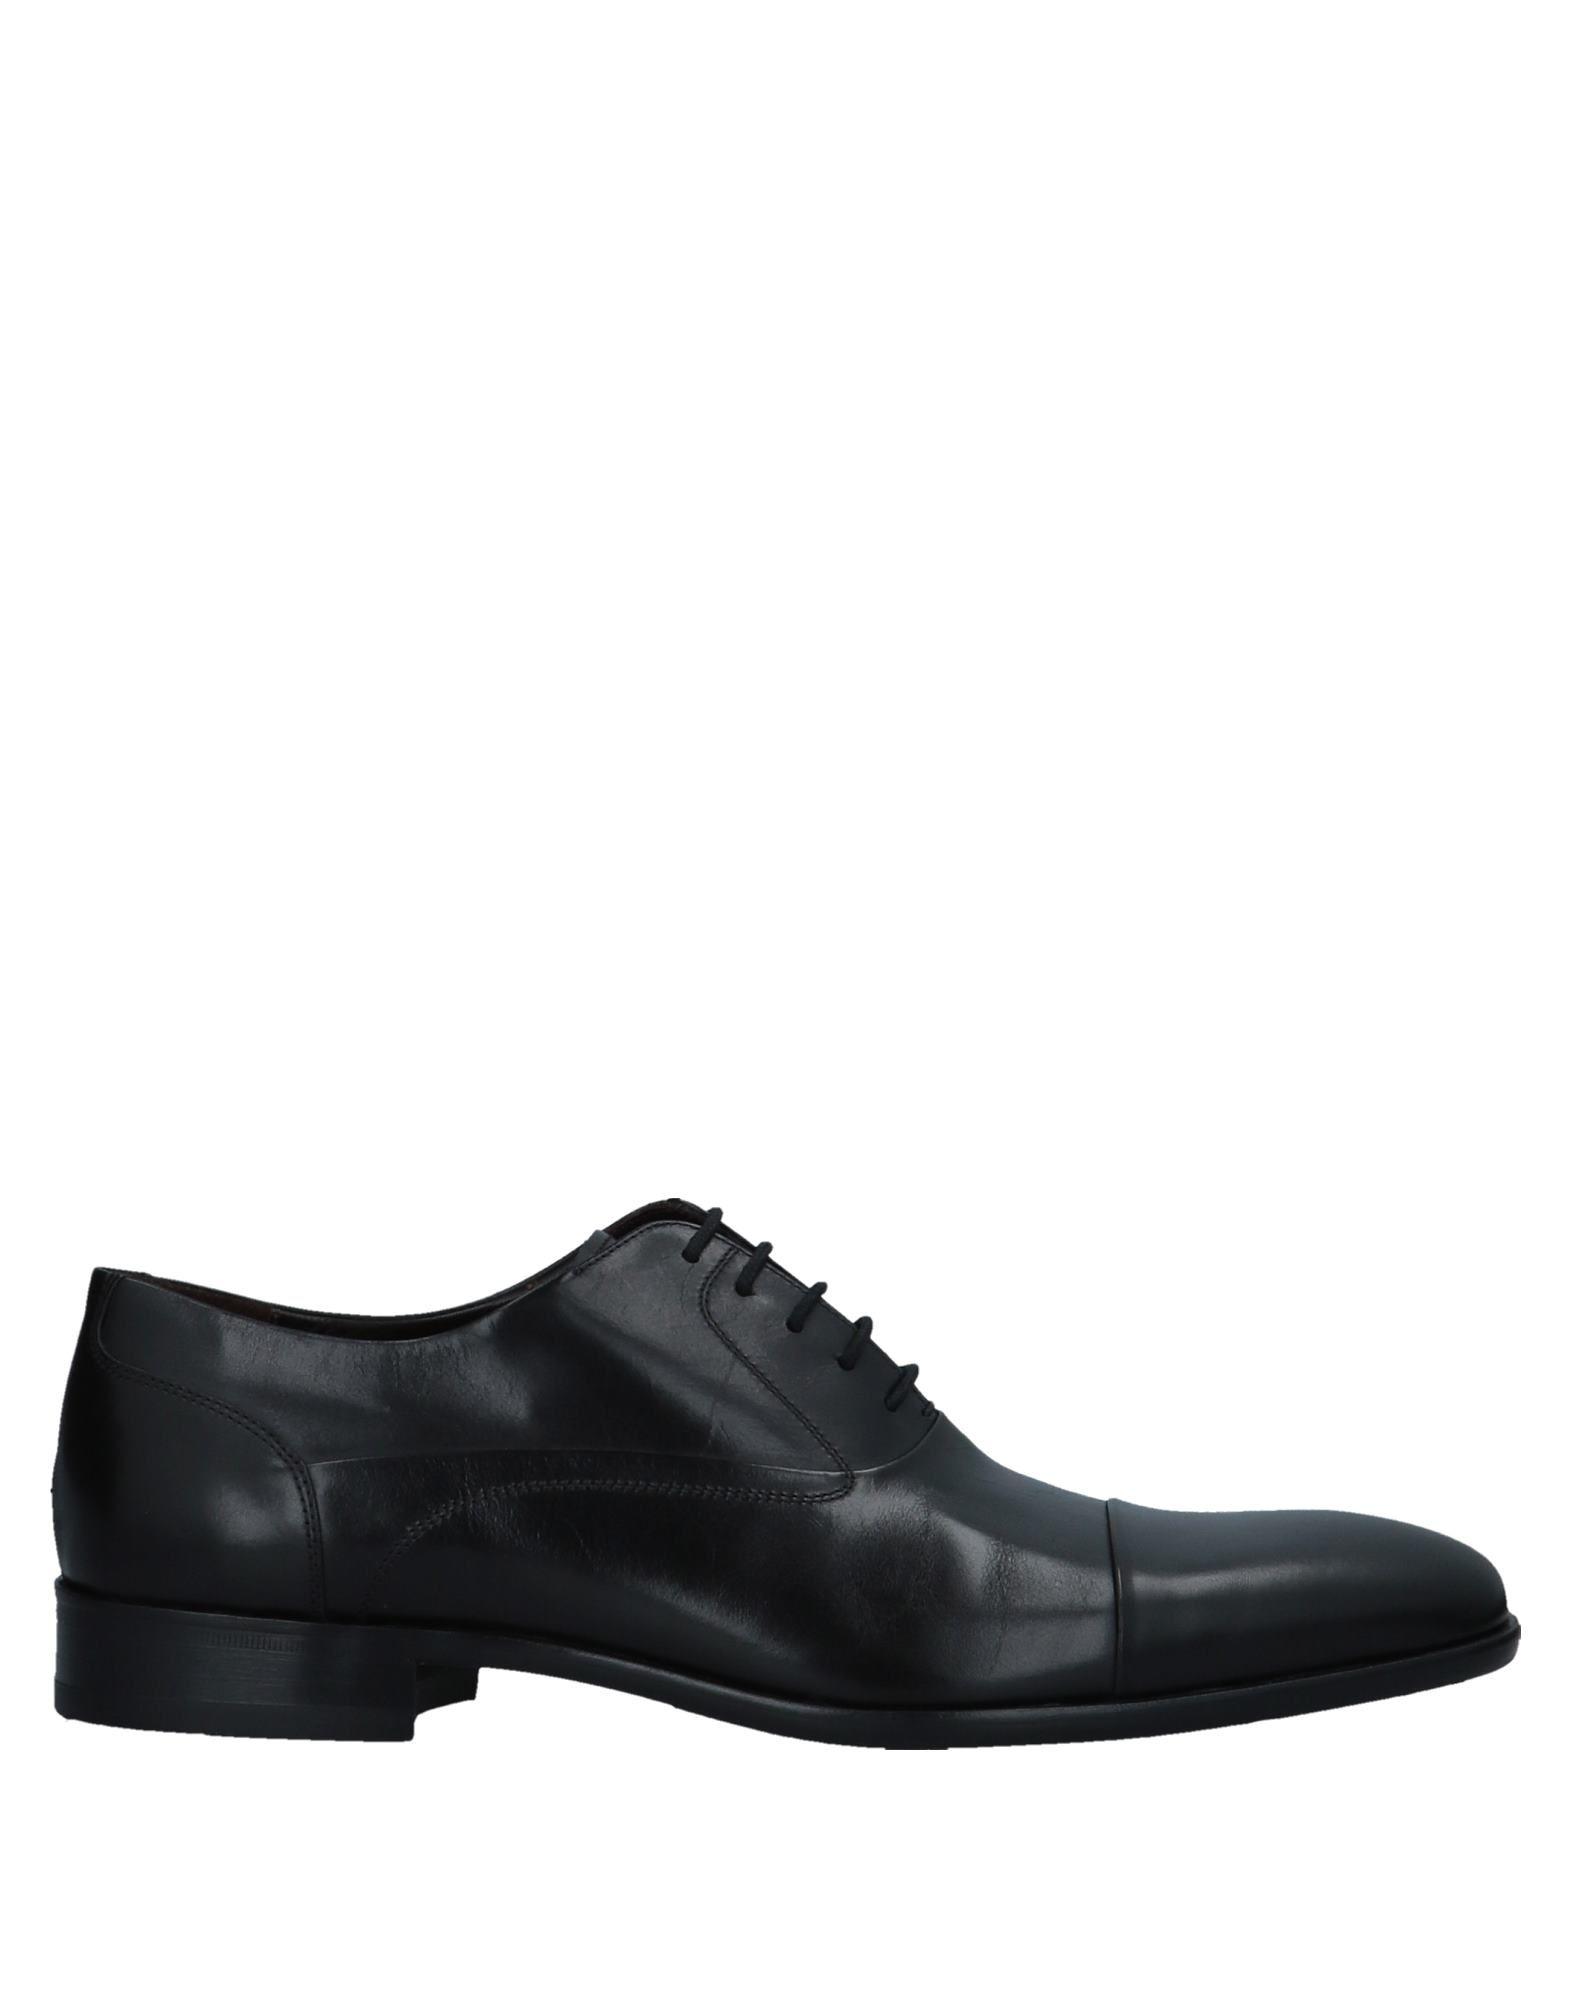 Rabatt echte Schnürschuhe Schuhe Morandi Schnürschuhe echte Herren  11533307RL 45f638